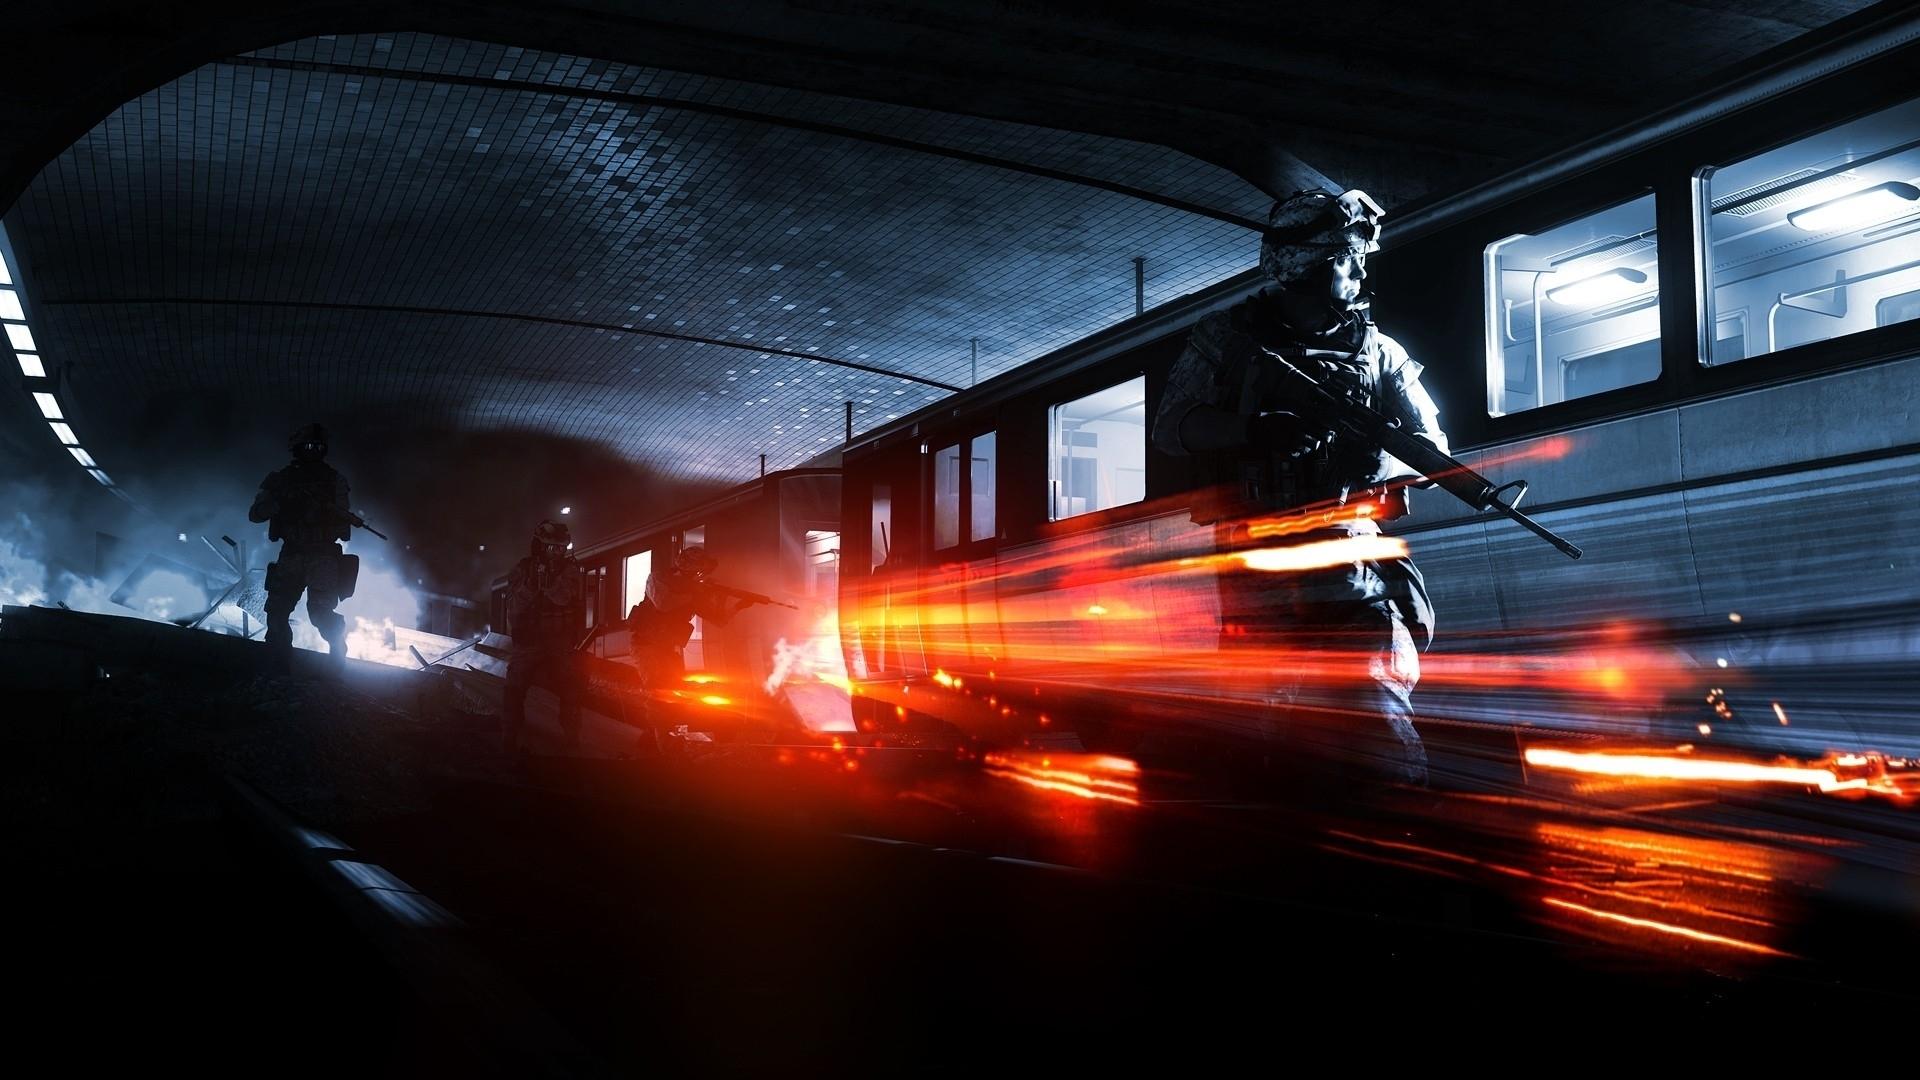 34355 Hintergrundbild herunterladen Spiele, Schlachtfeld - Bildschirmschoner und Bilder kostenlos